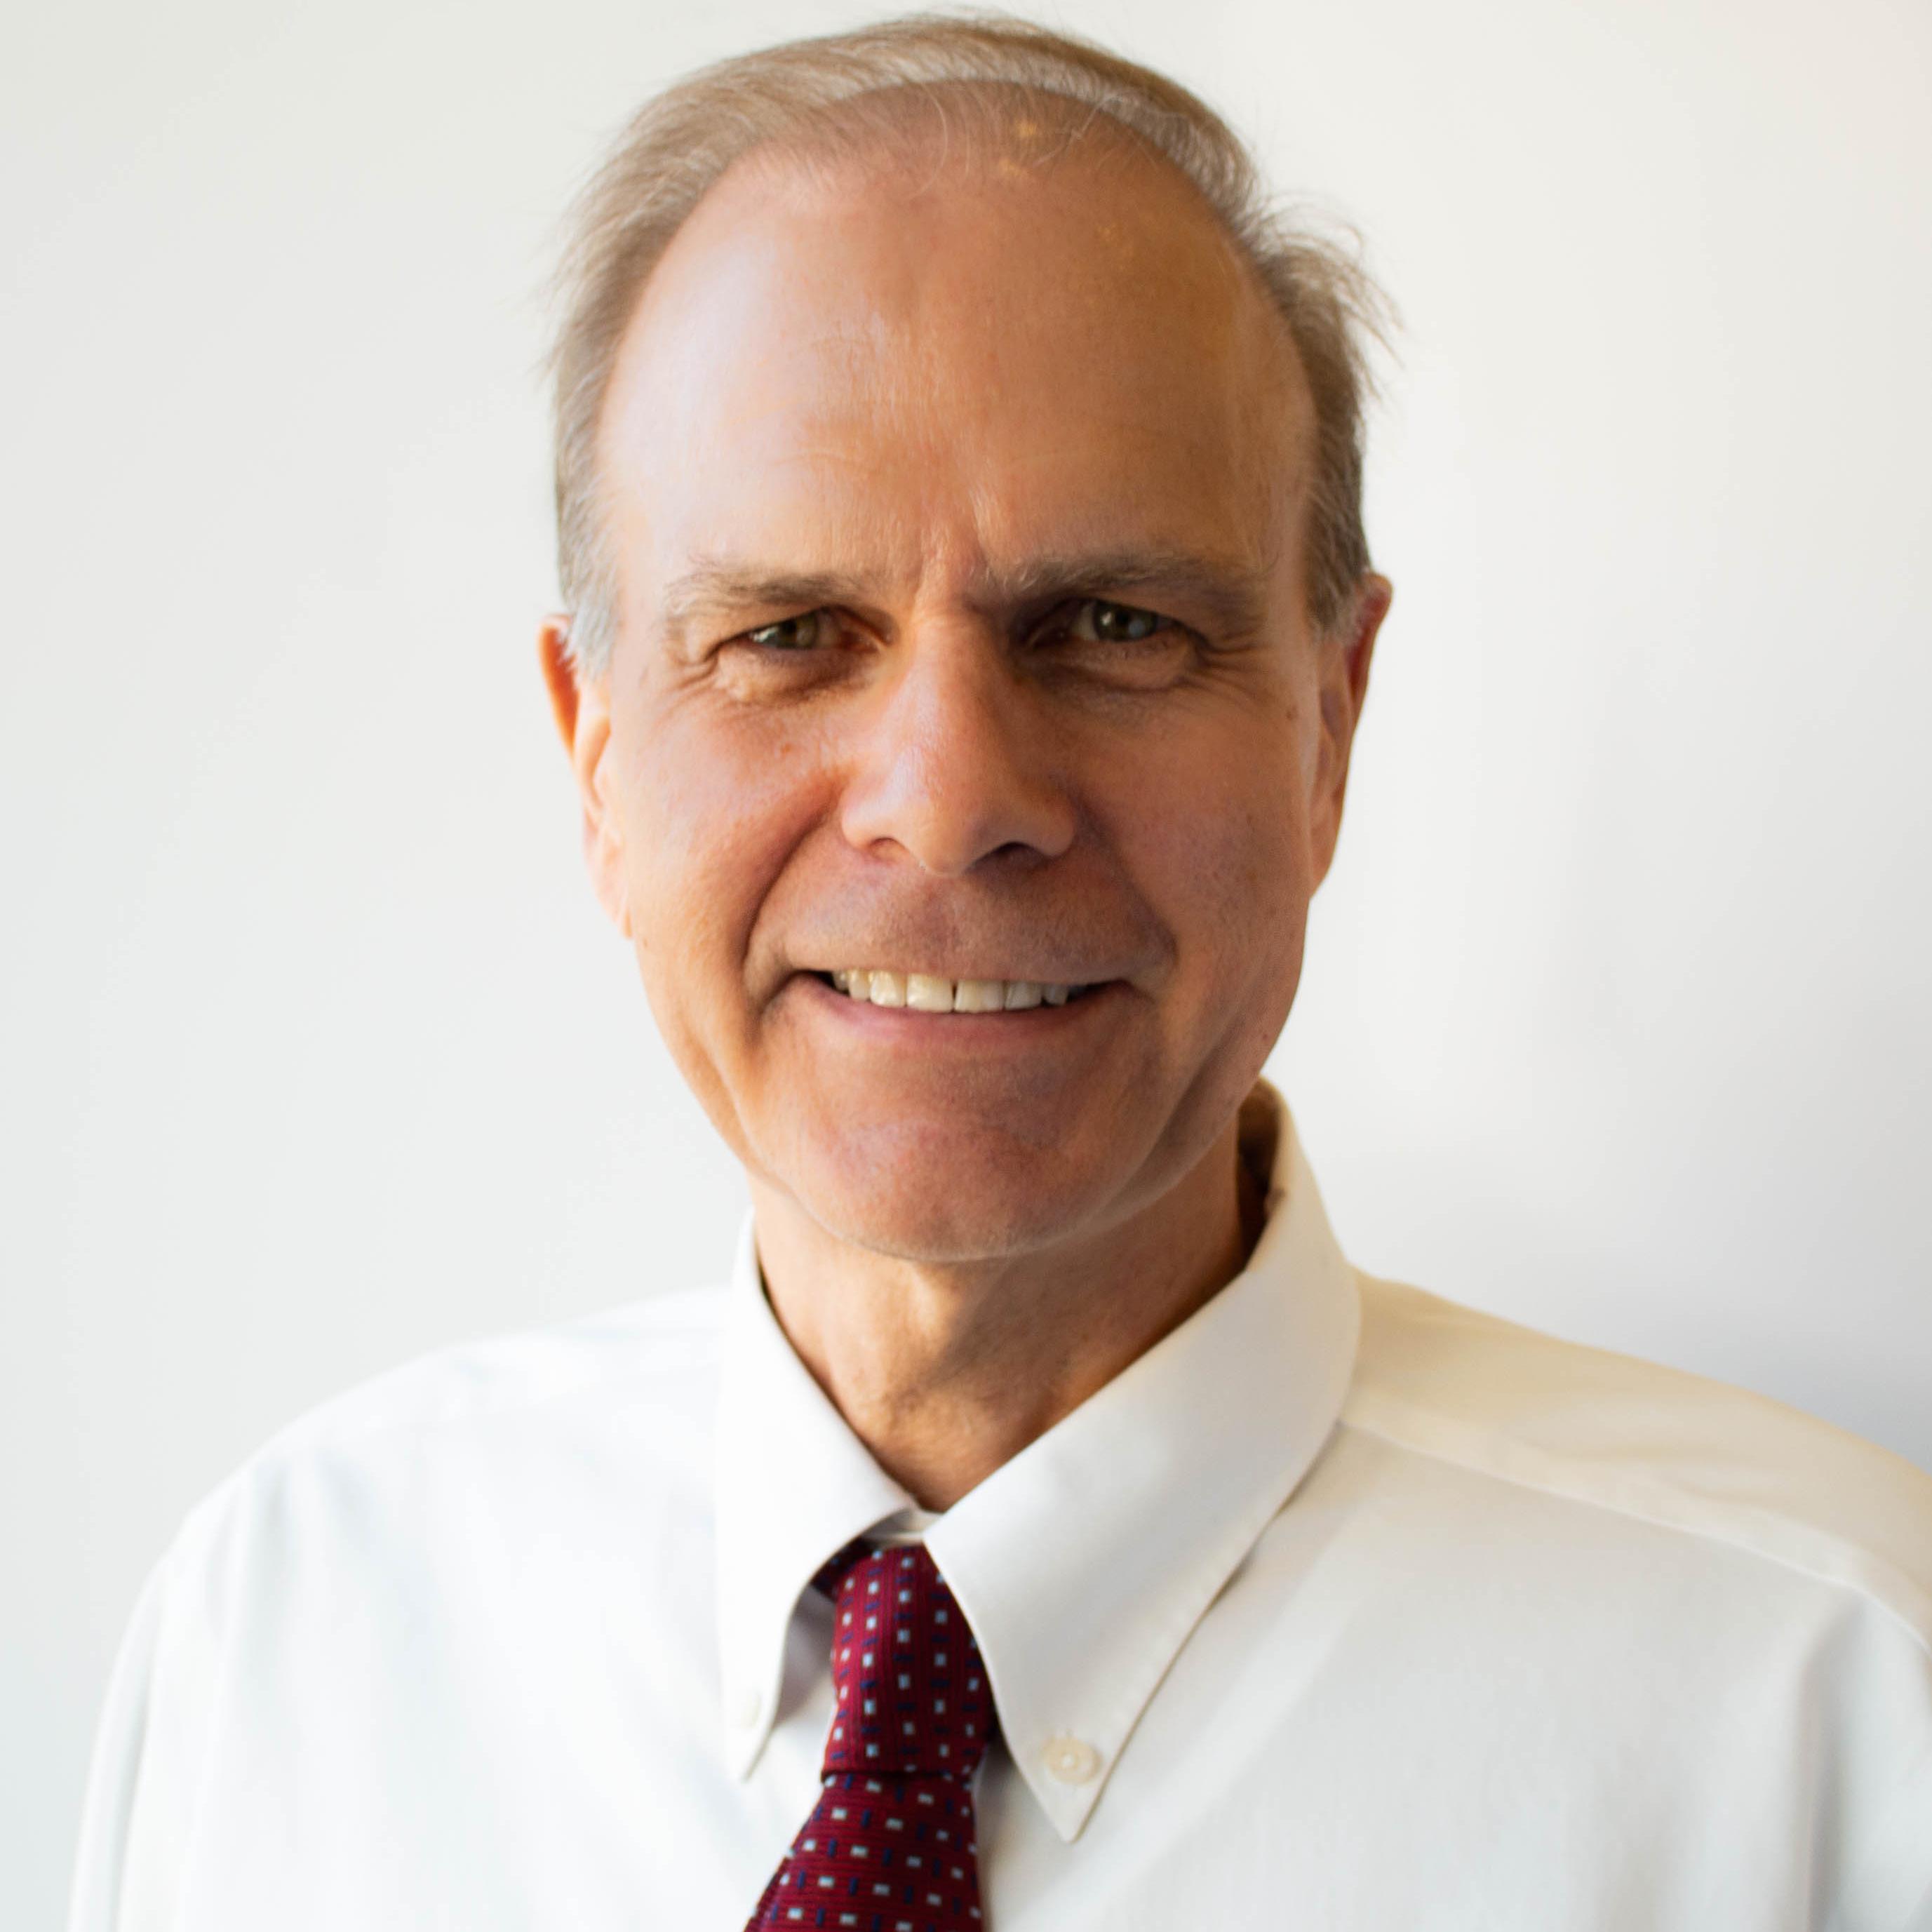 Mark Winkler, MD